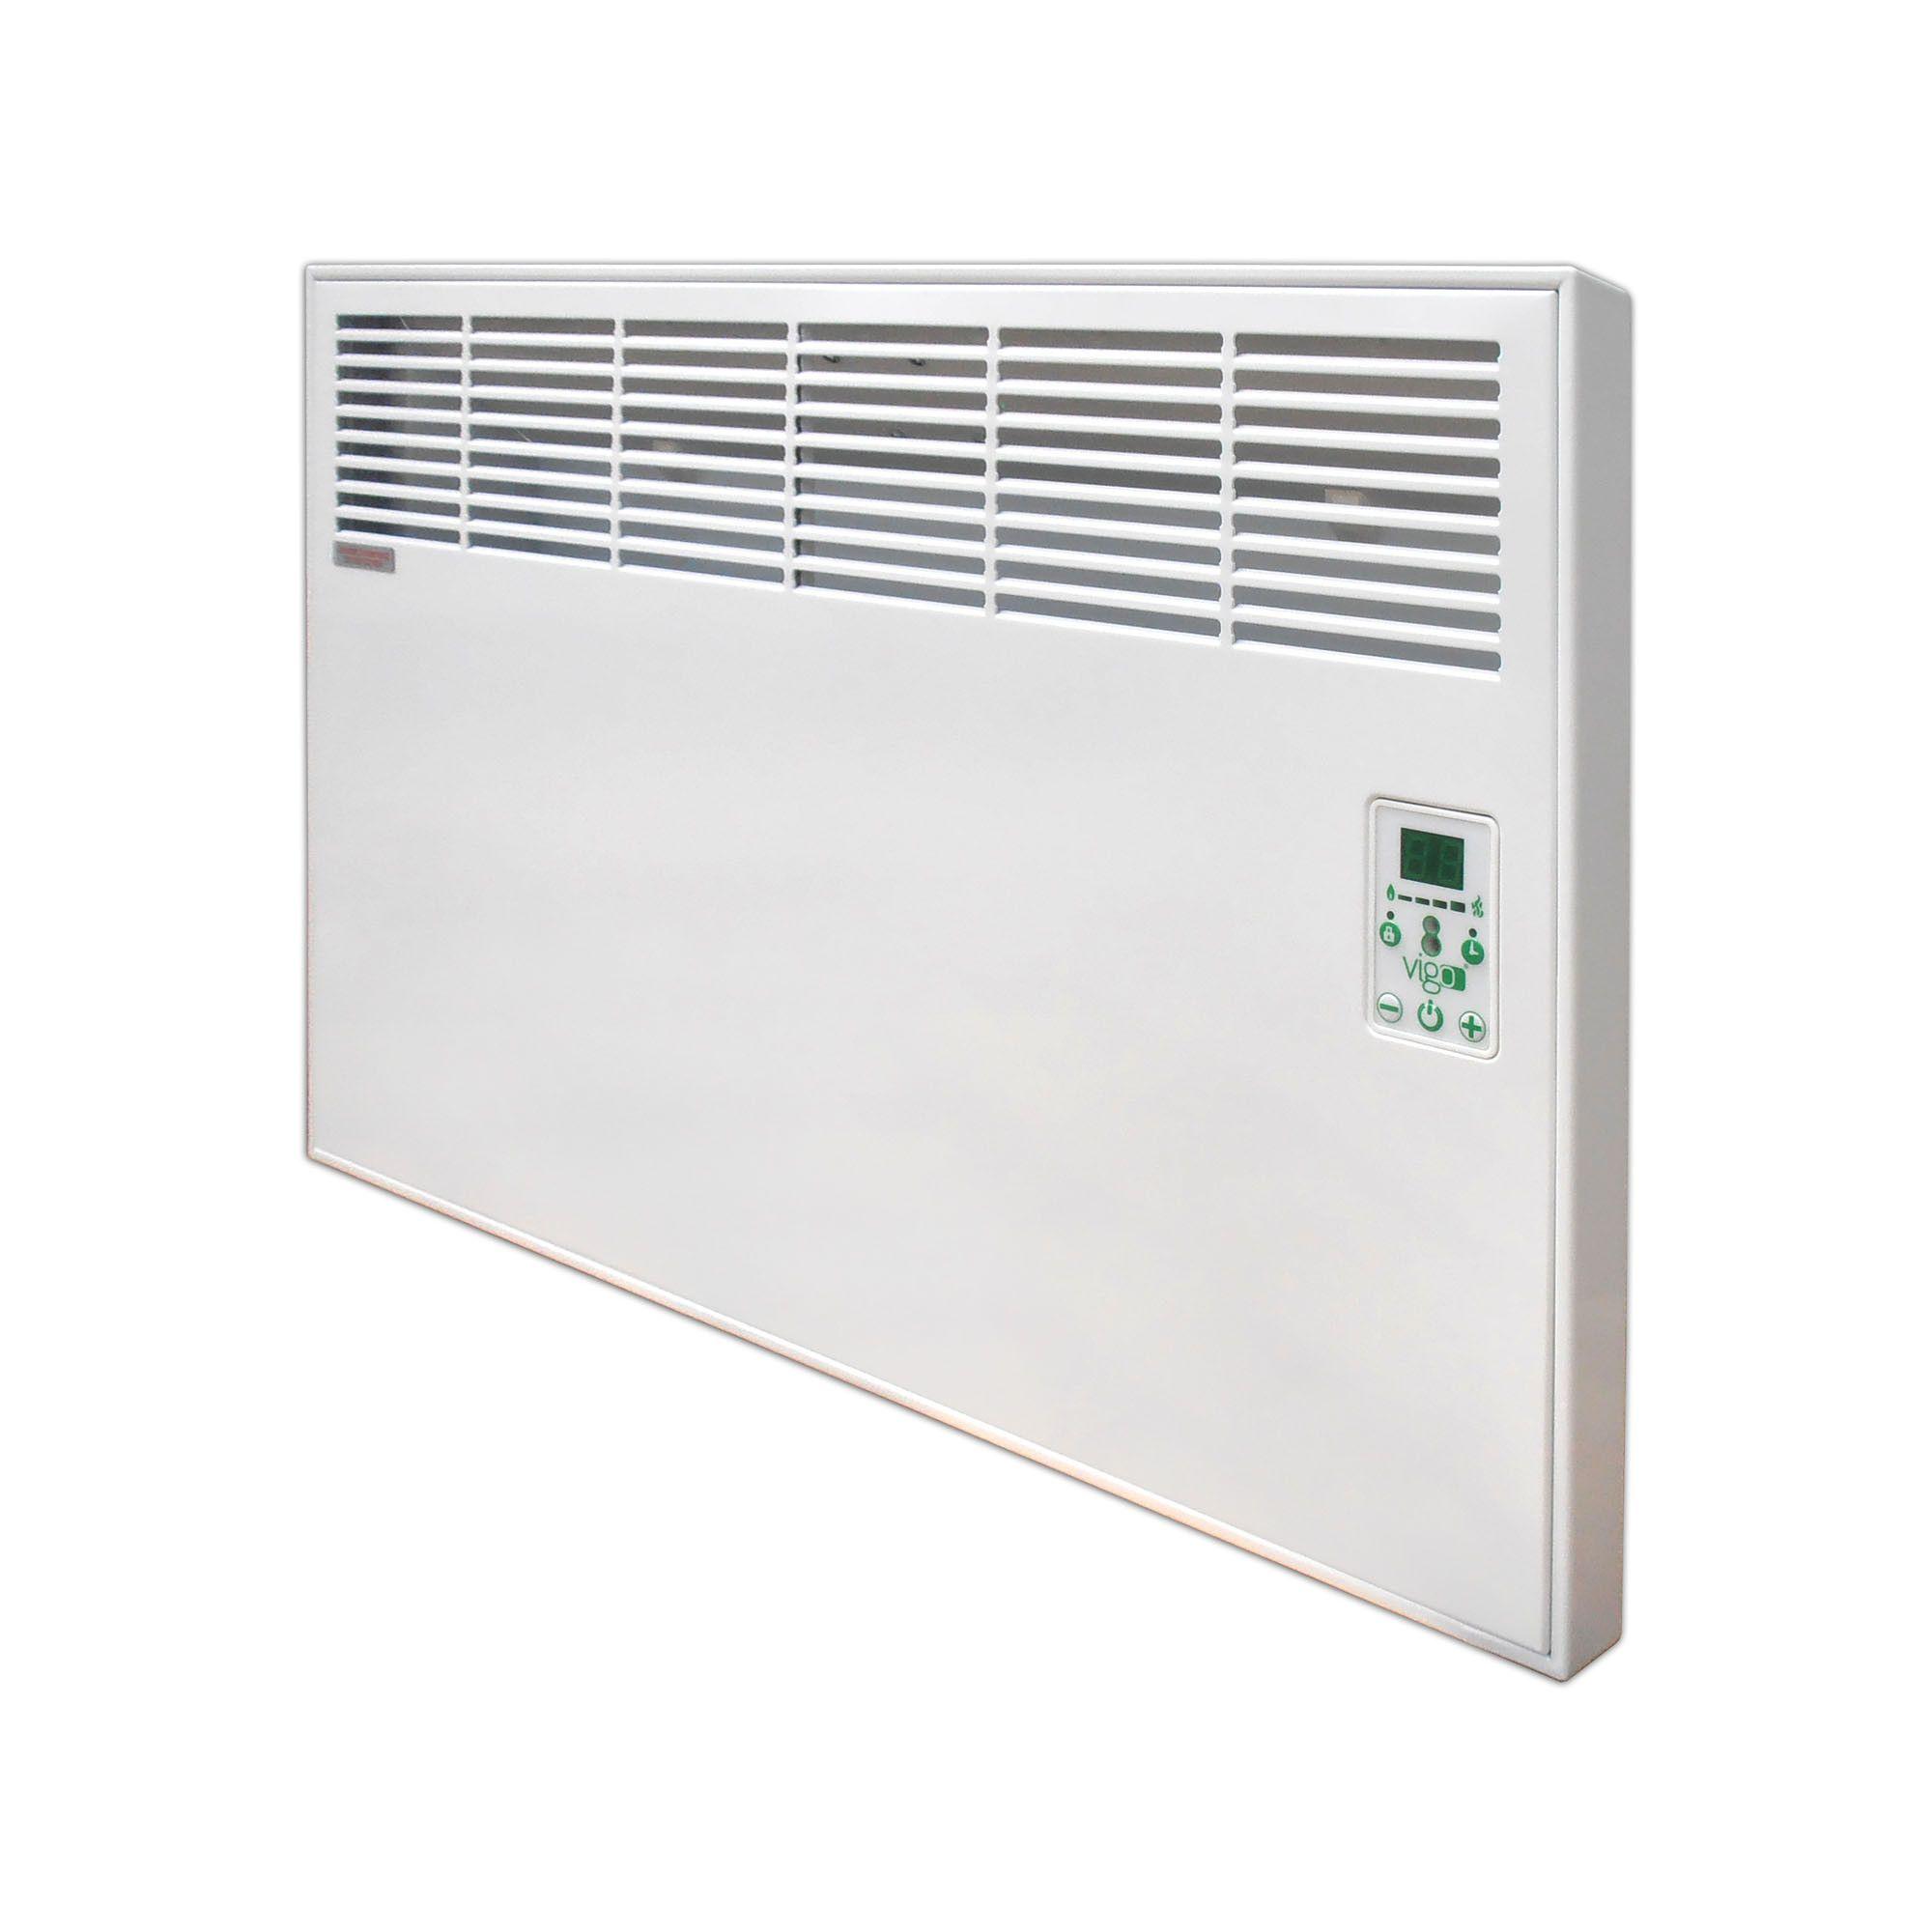 Fotografie Convector digital de perete sau pardoseala Vigo EPK 1000 W, control electronic, Termostat de siguranta, termostat reglabil, IP 24, ERP 2018